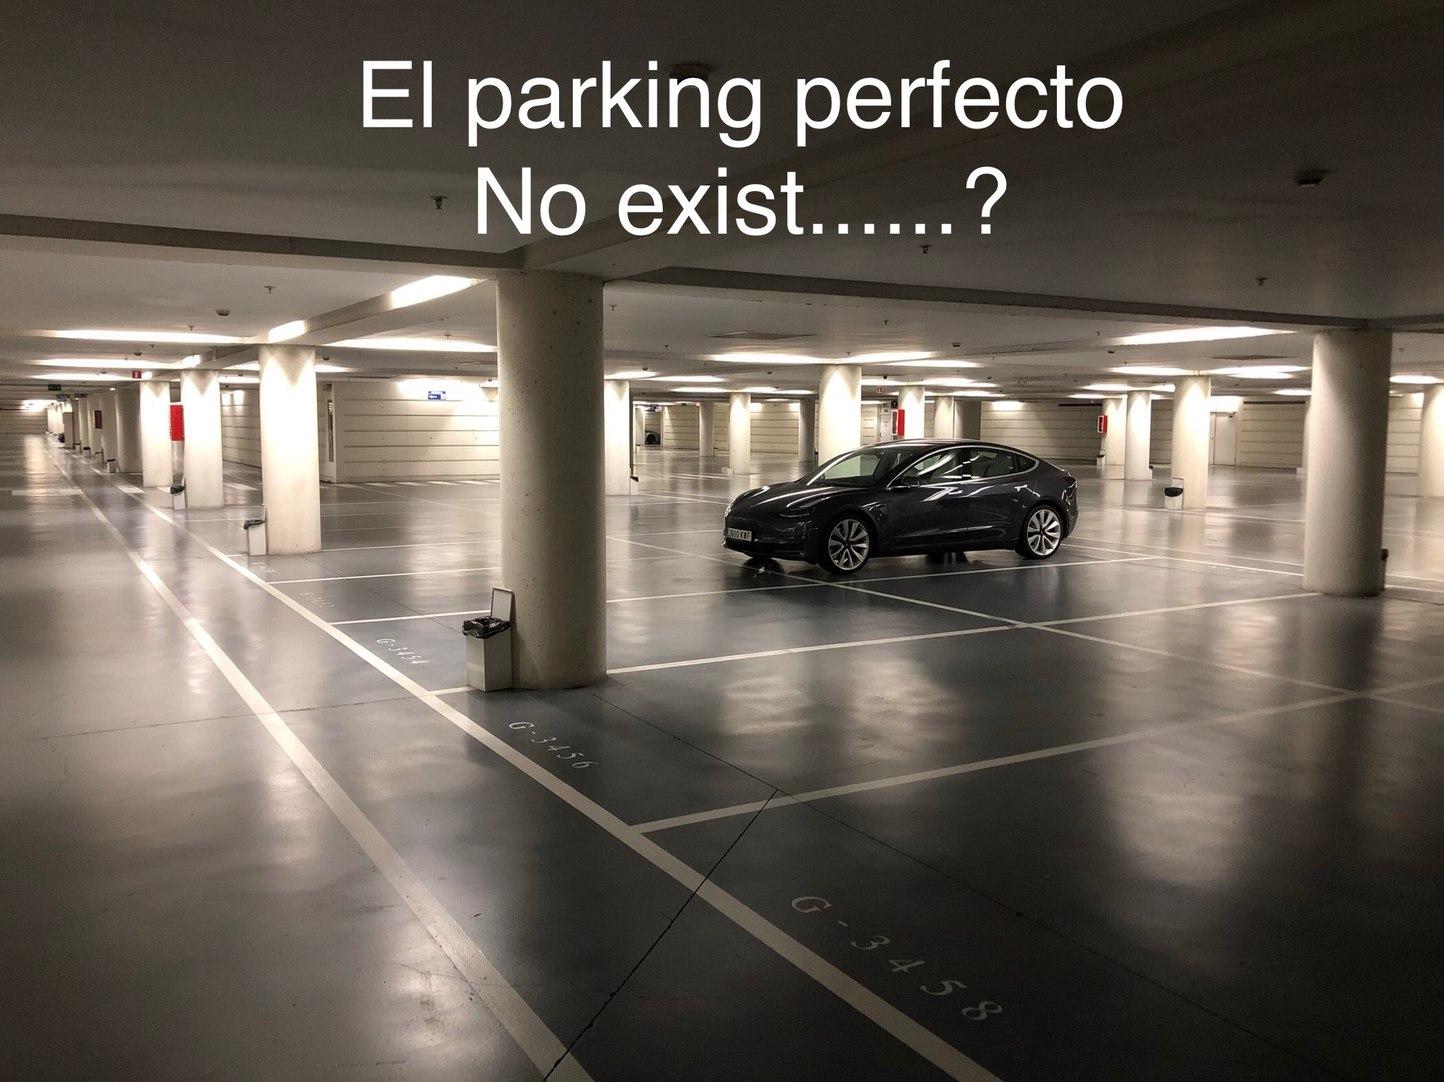 parkings - meme